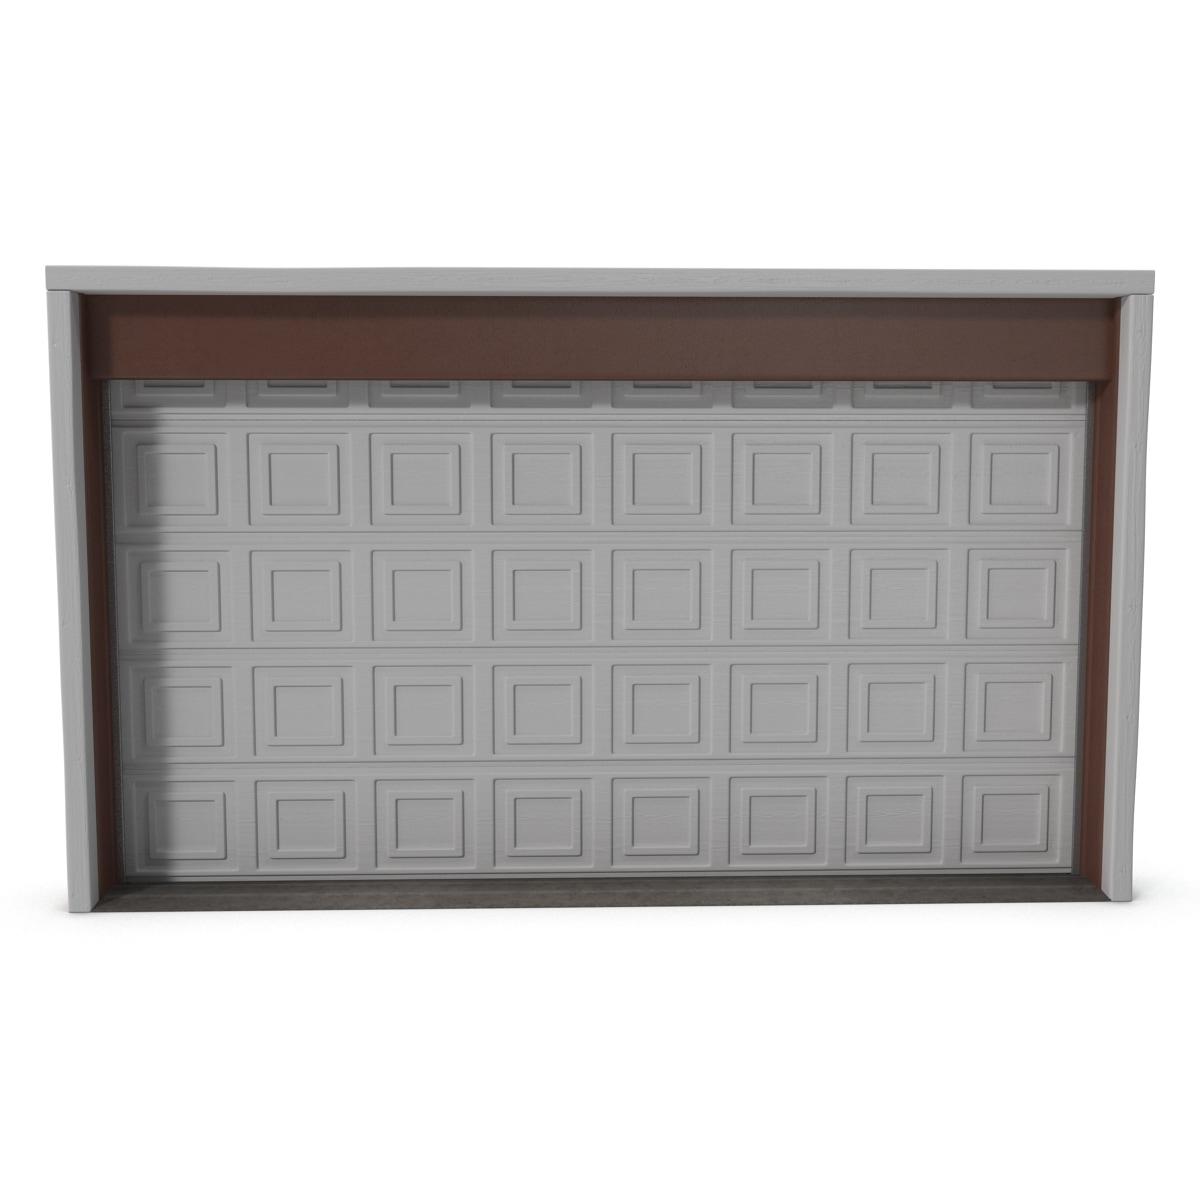 1200 #483834 Sectional Garage Door 3.jpg wallpaper Complete Garage Doors 36251200